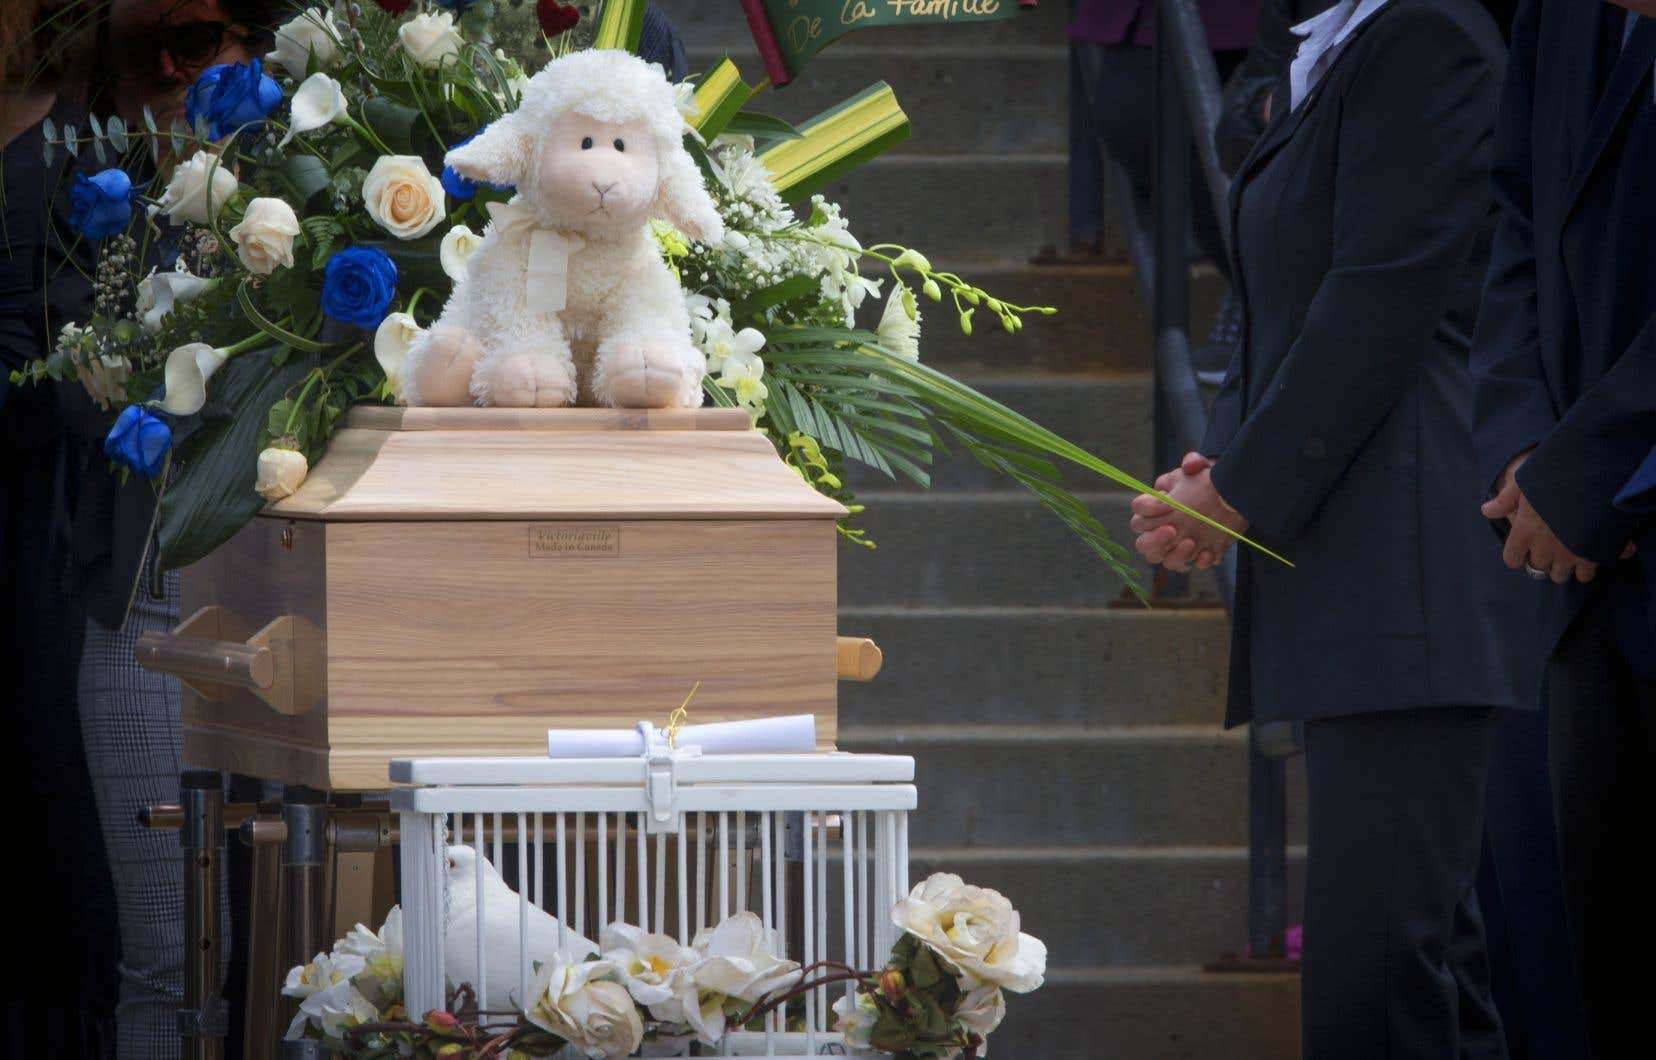 L'enfant de sept ans est morte dans des circonstances extrêmement troublantes, après avoir fait l'objet d'un signalement auprès de la Direction de la protection de la jeunesse (DPJ) de l'Estrie.